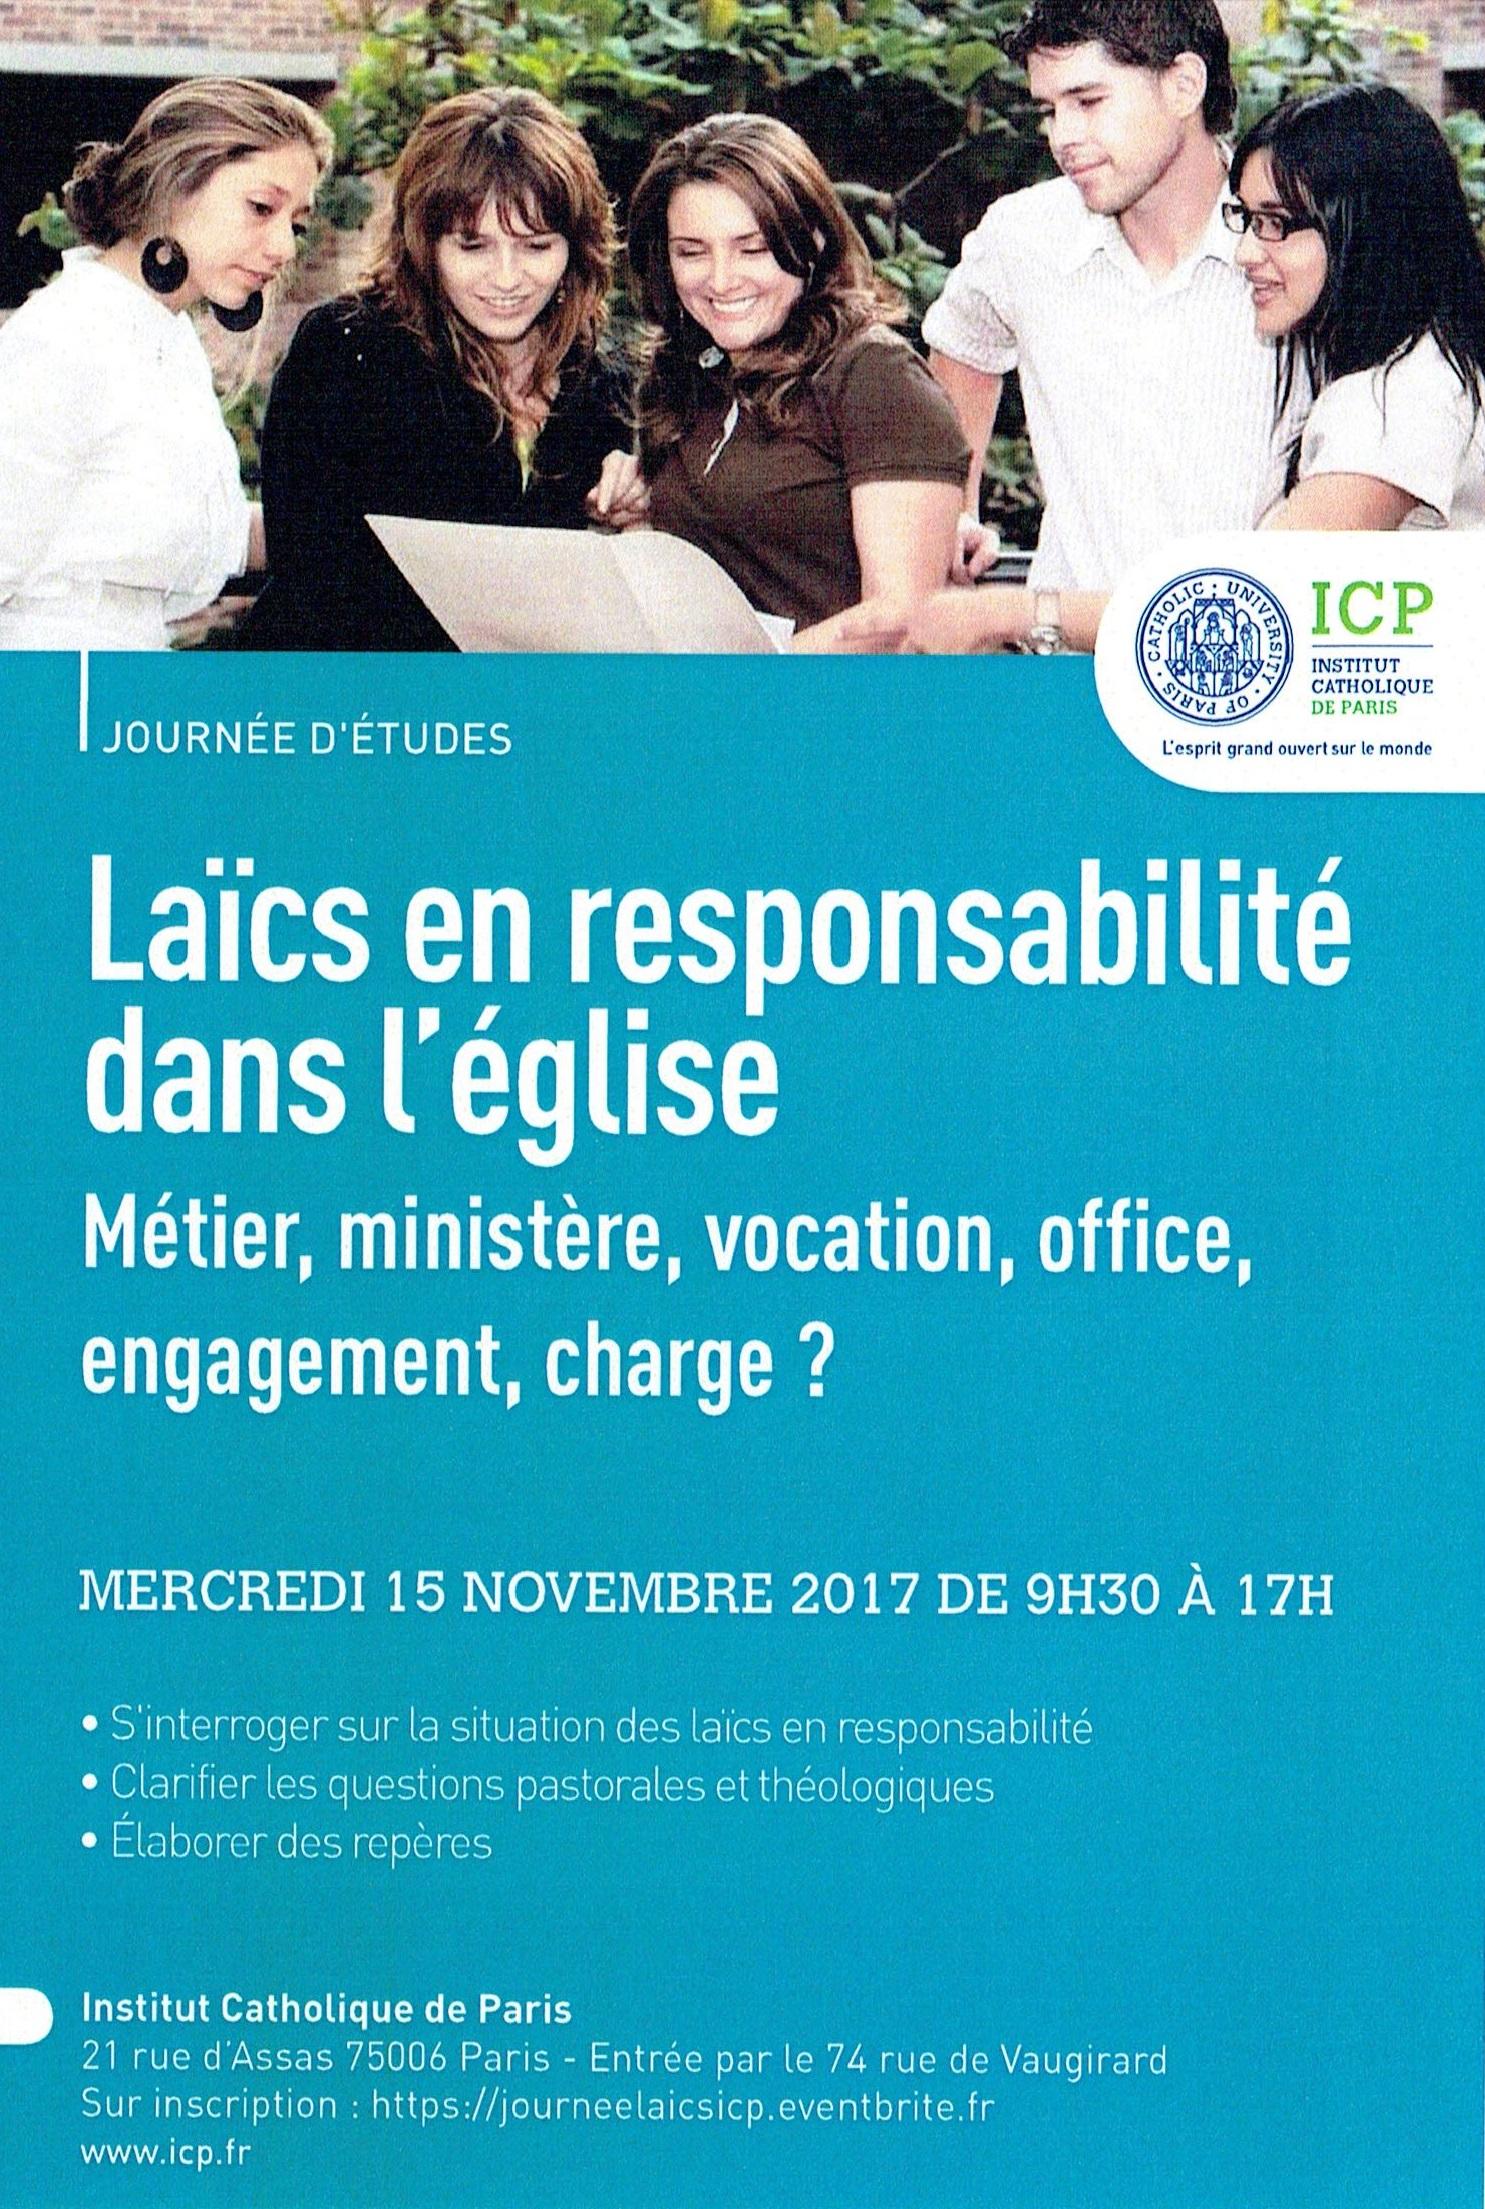 Formation ICP - Laics en responsabilité dans l'Eglise 1